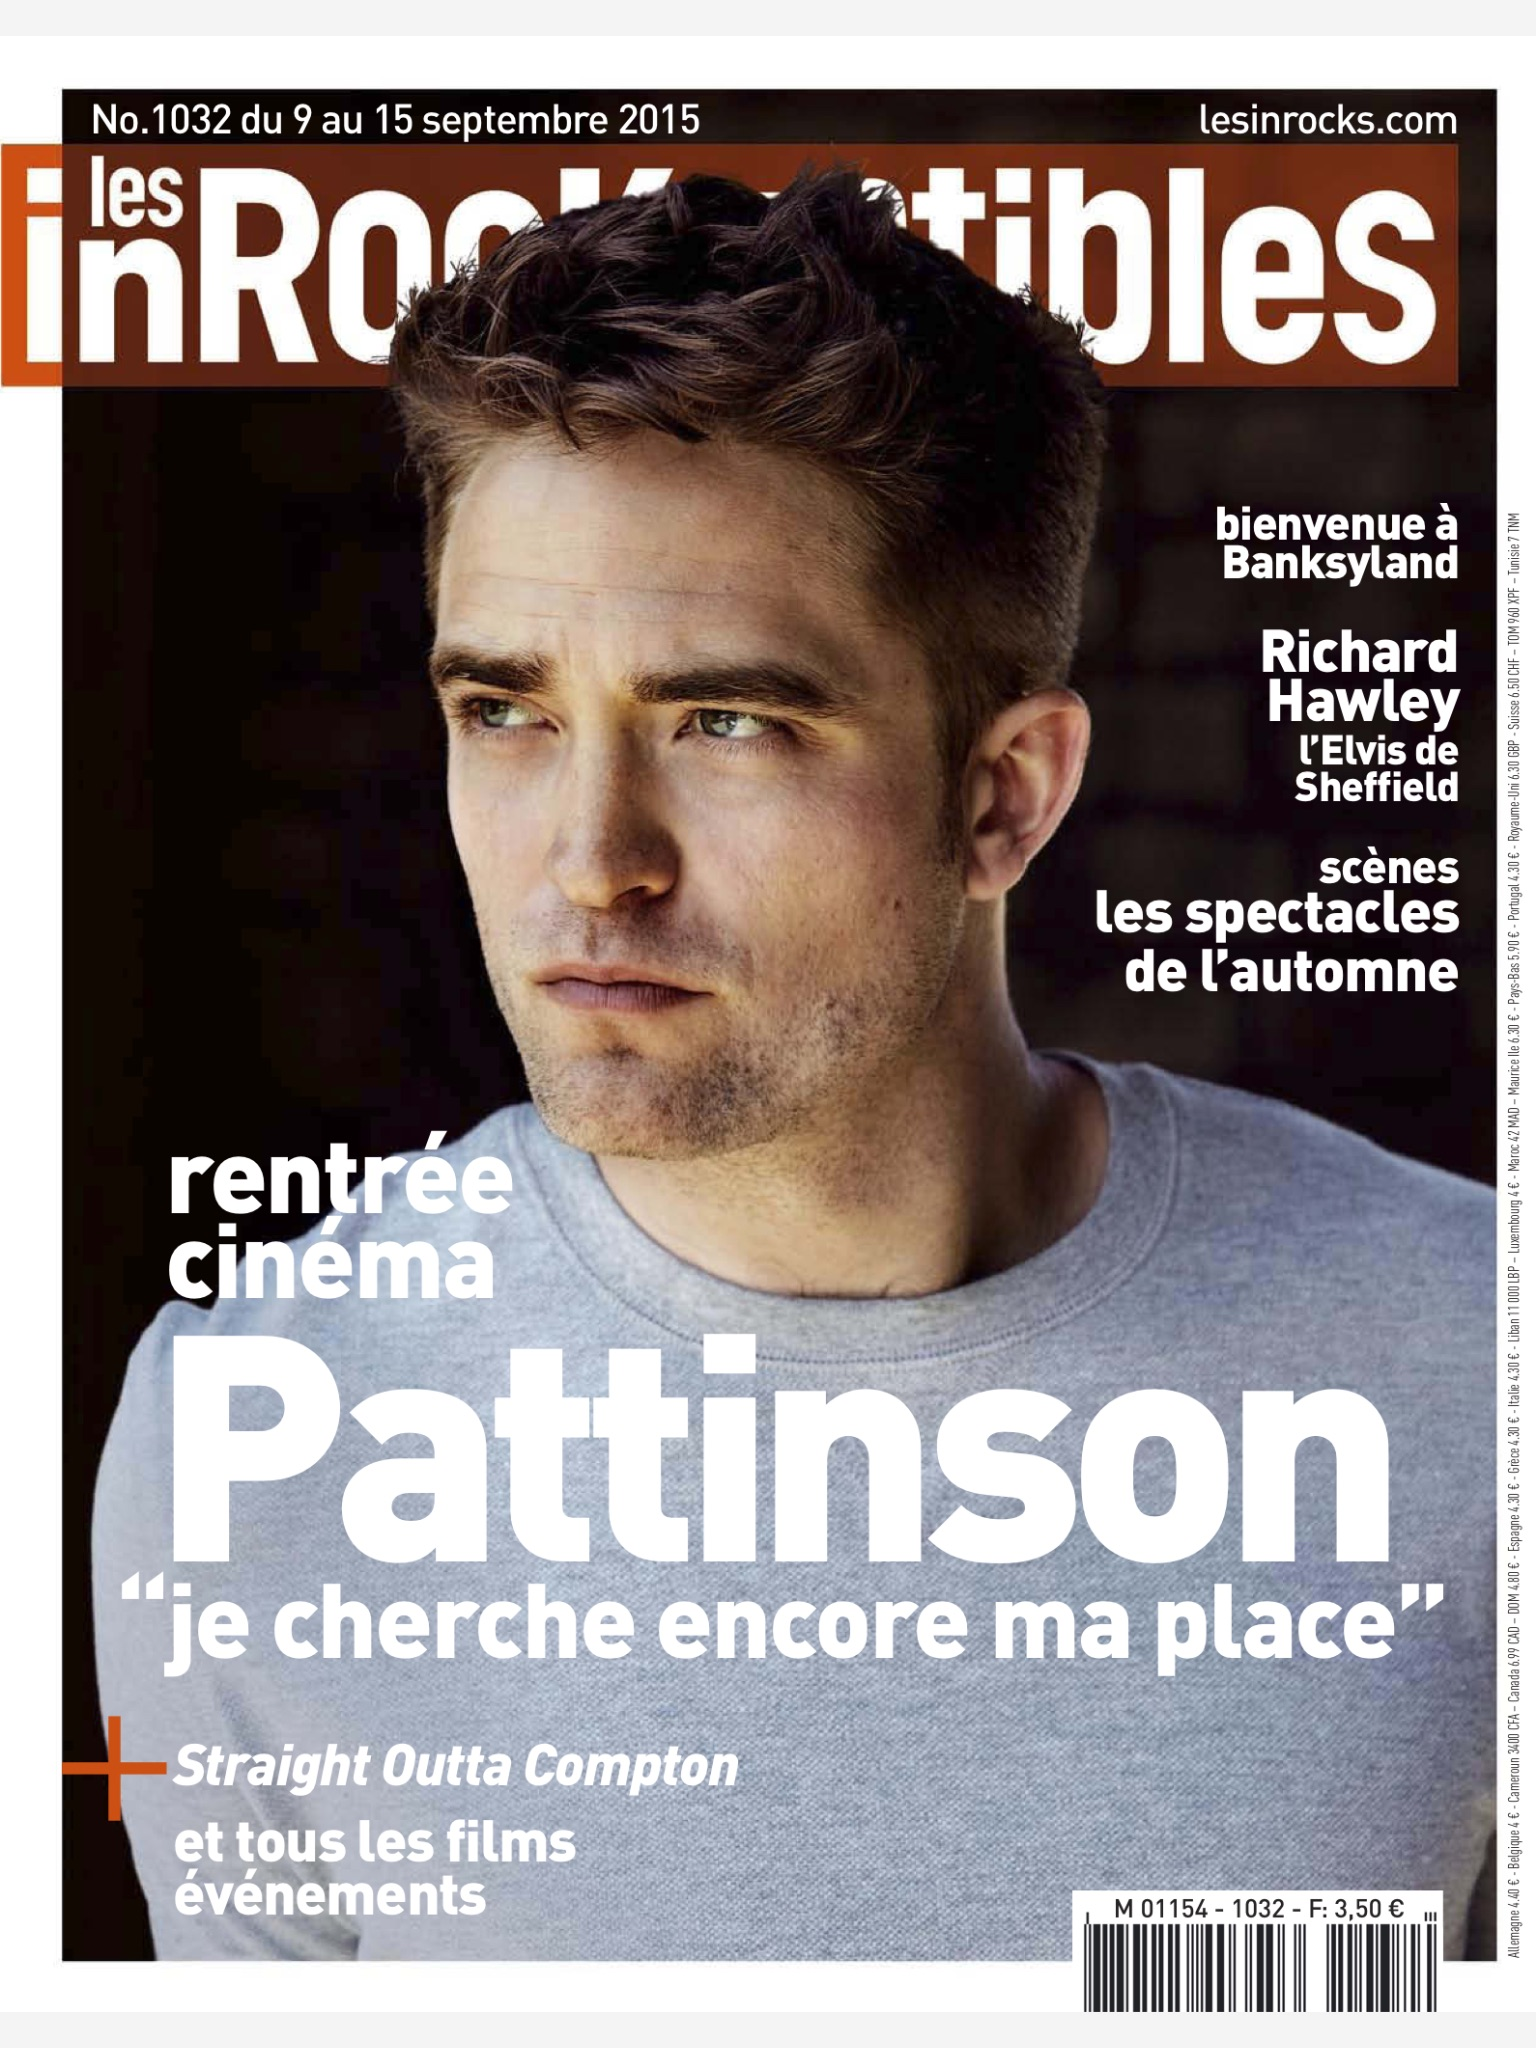 """""""Às vezes eu preciso ouvir que eu não estou cometendo erros, de que eu sou legítimo."""", Robert para 'Les Inrocks'"""